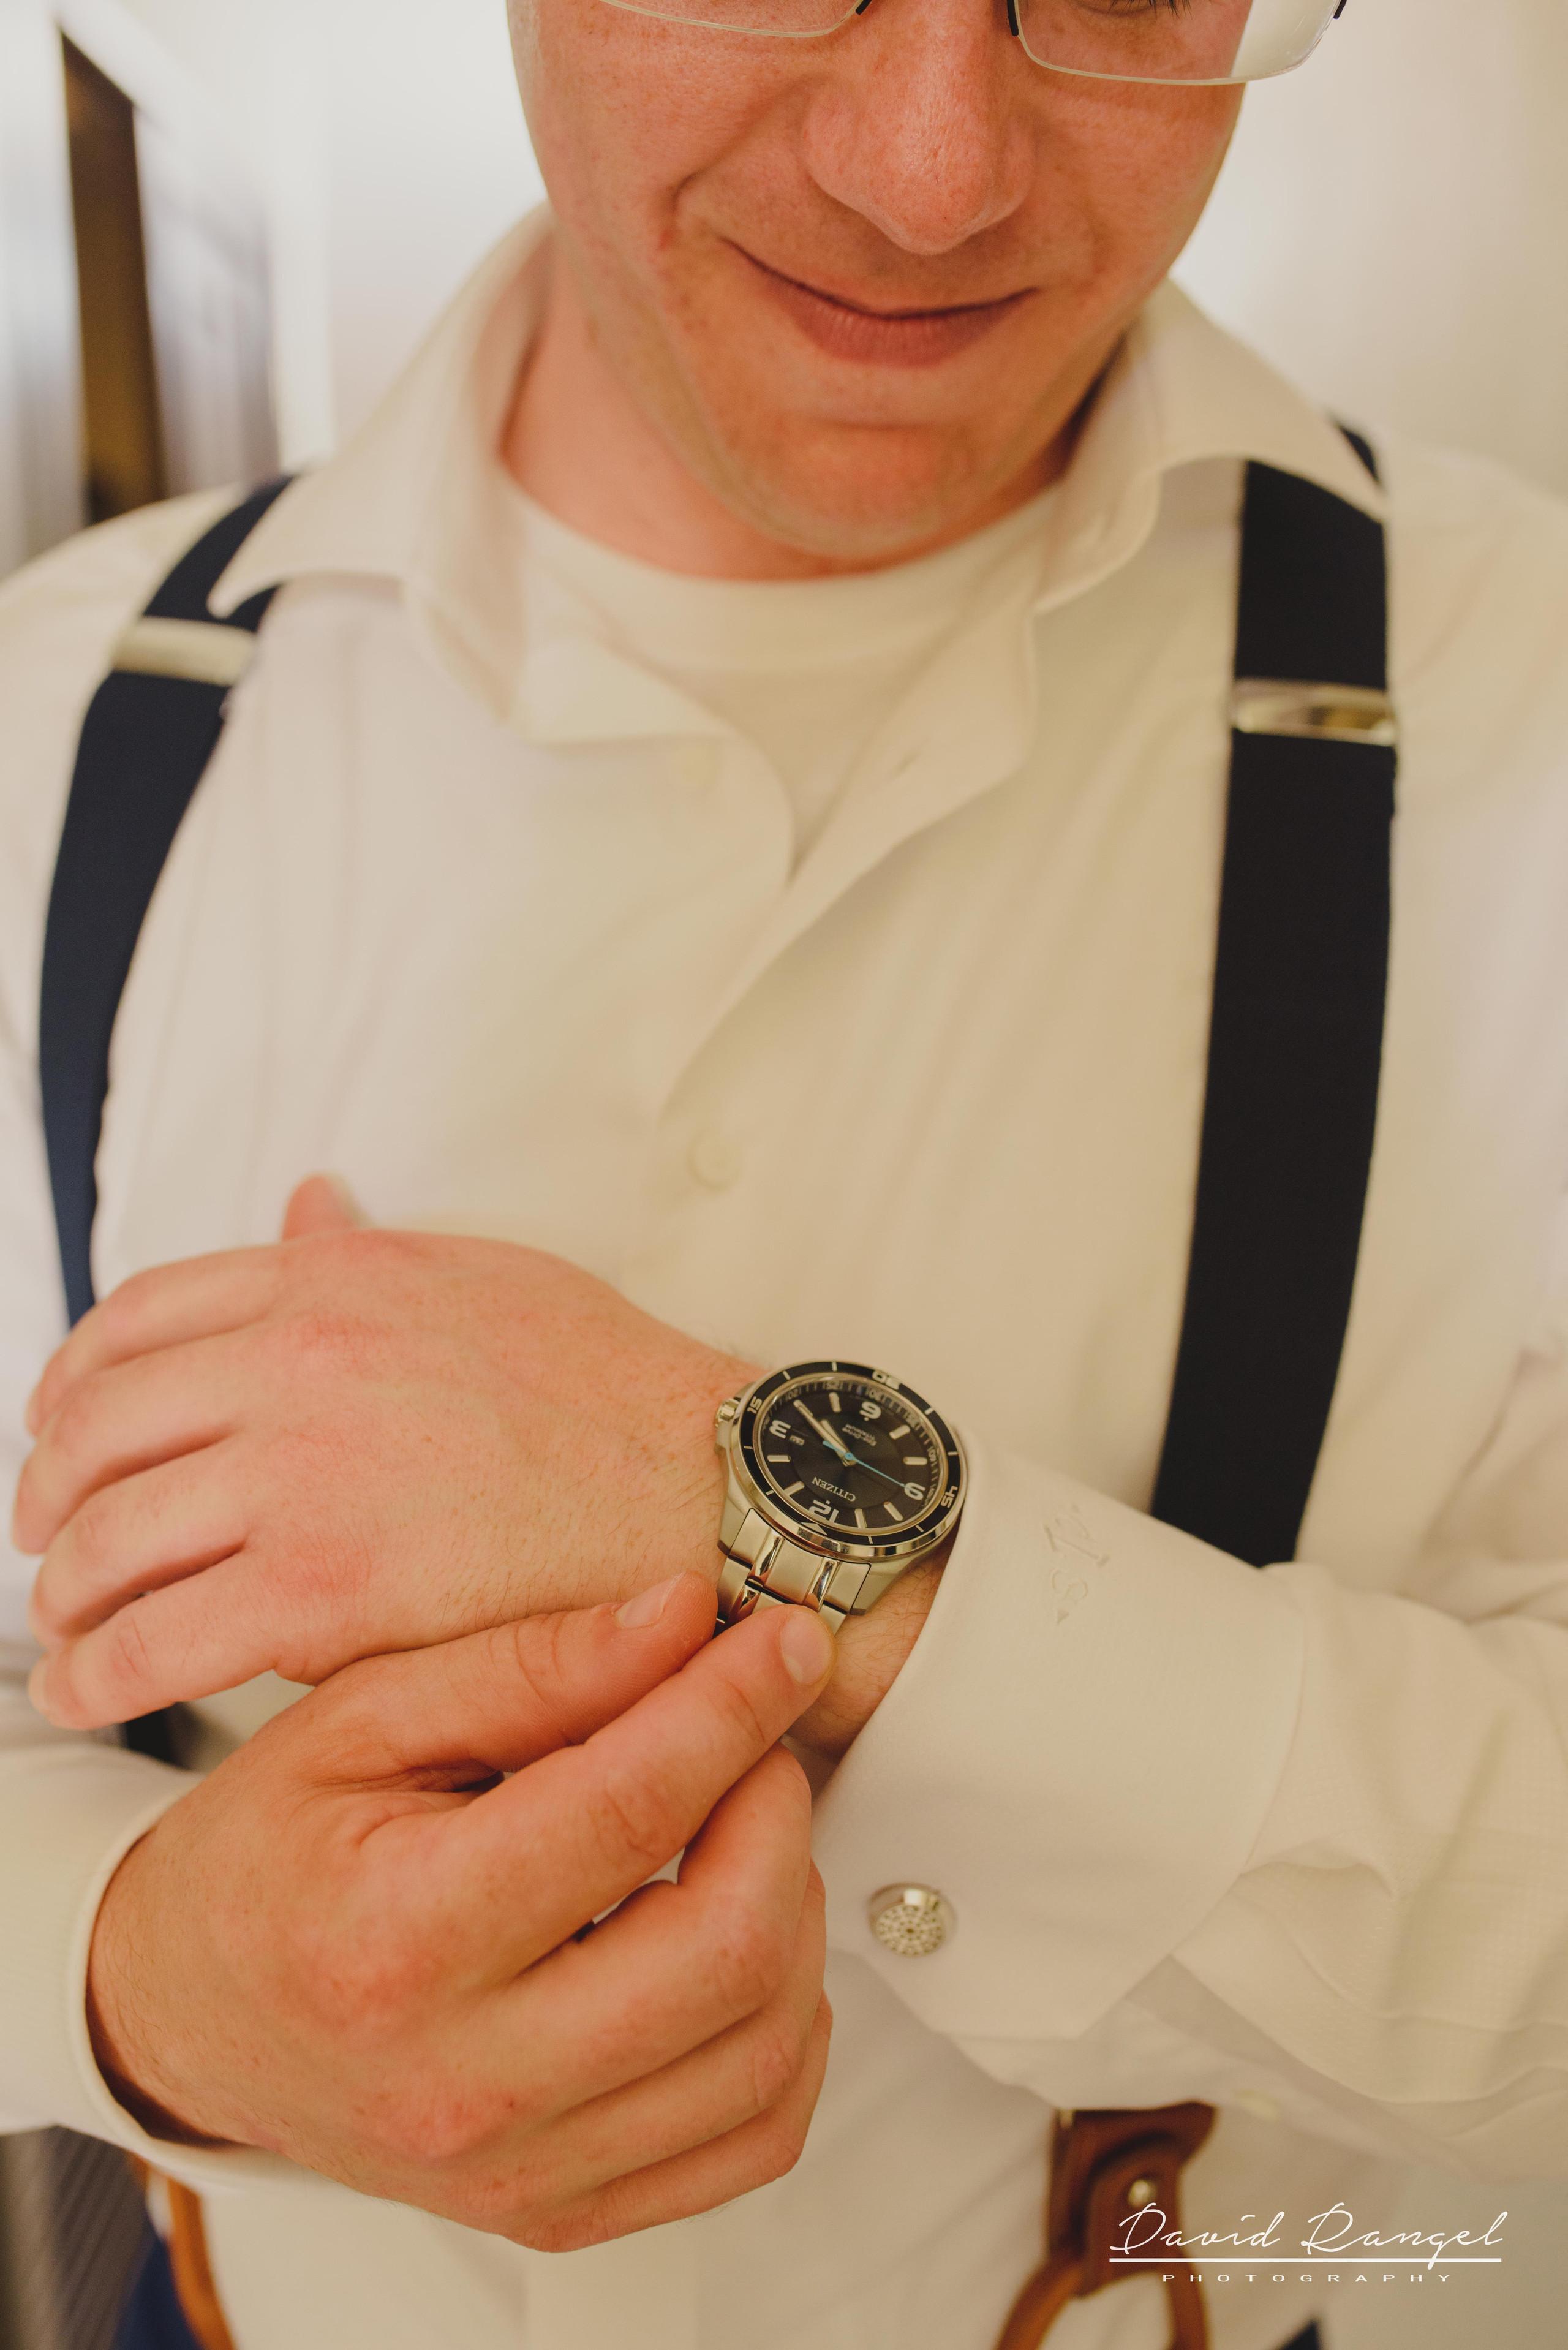 groom+groomsmens+getting+ready+room+photo+suit+crew+watch